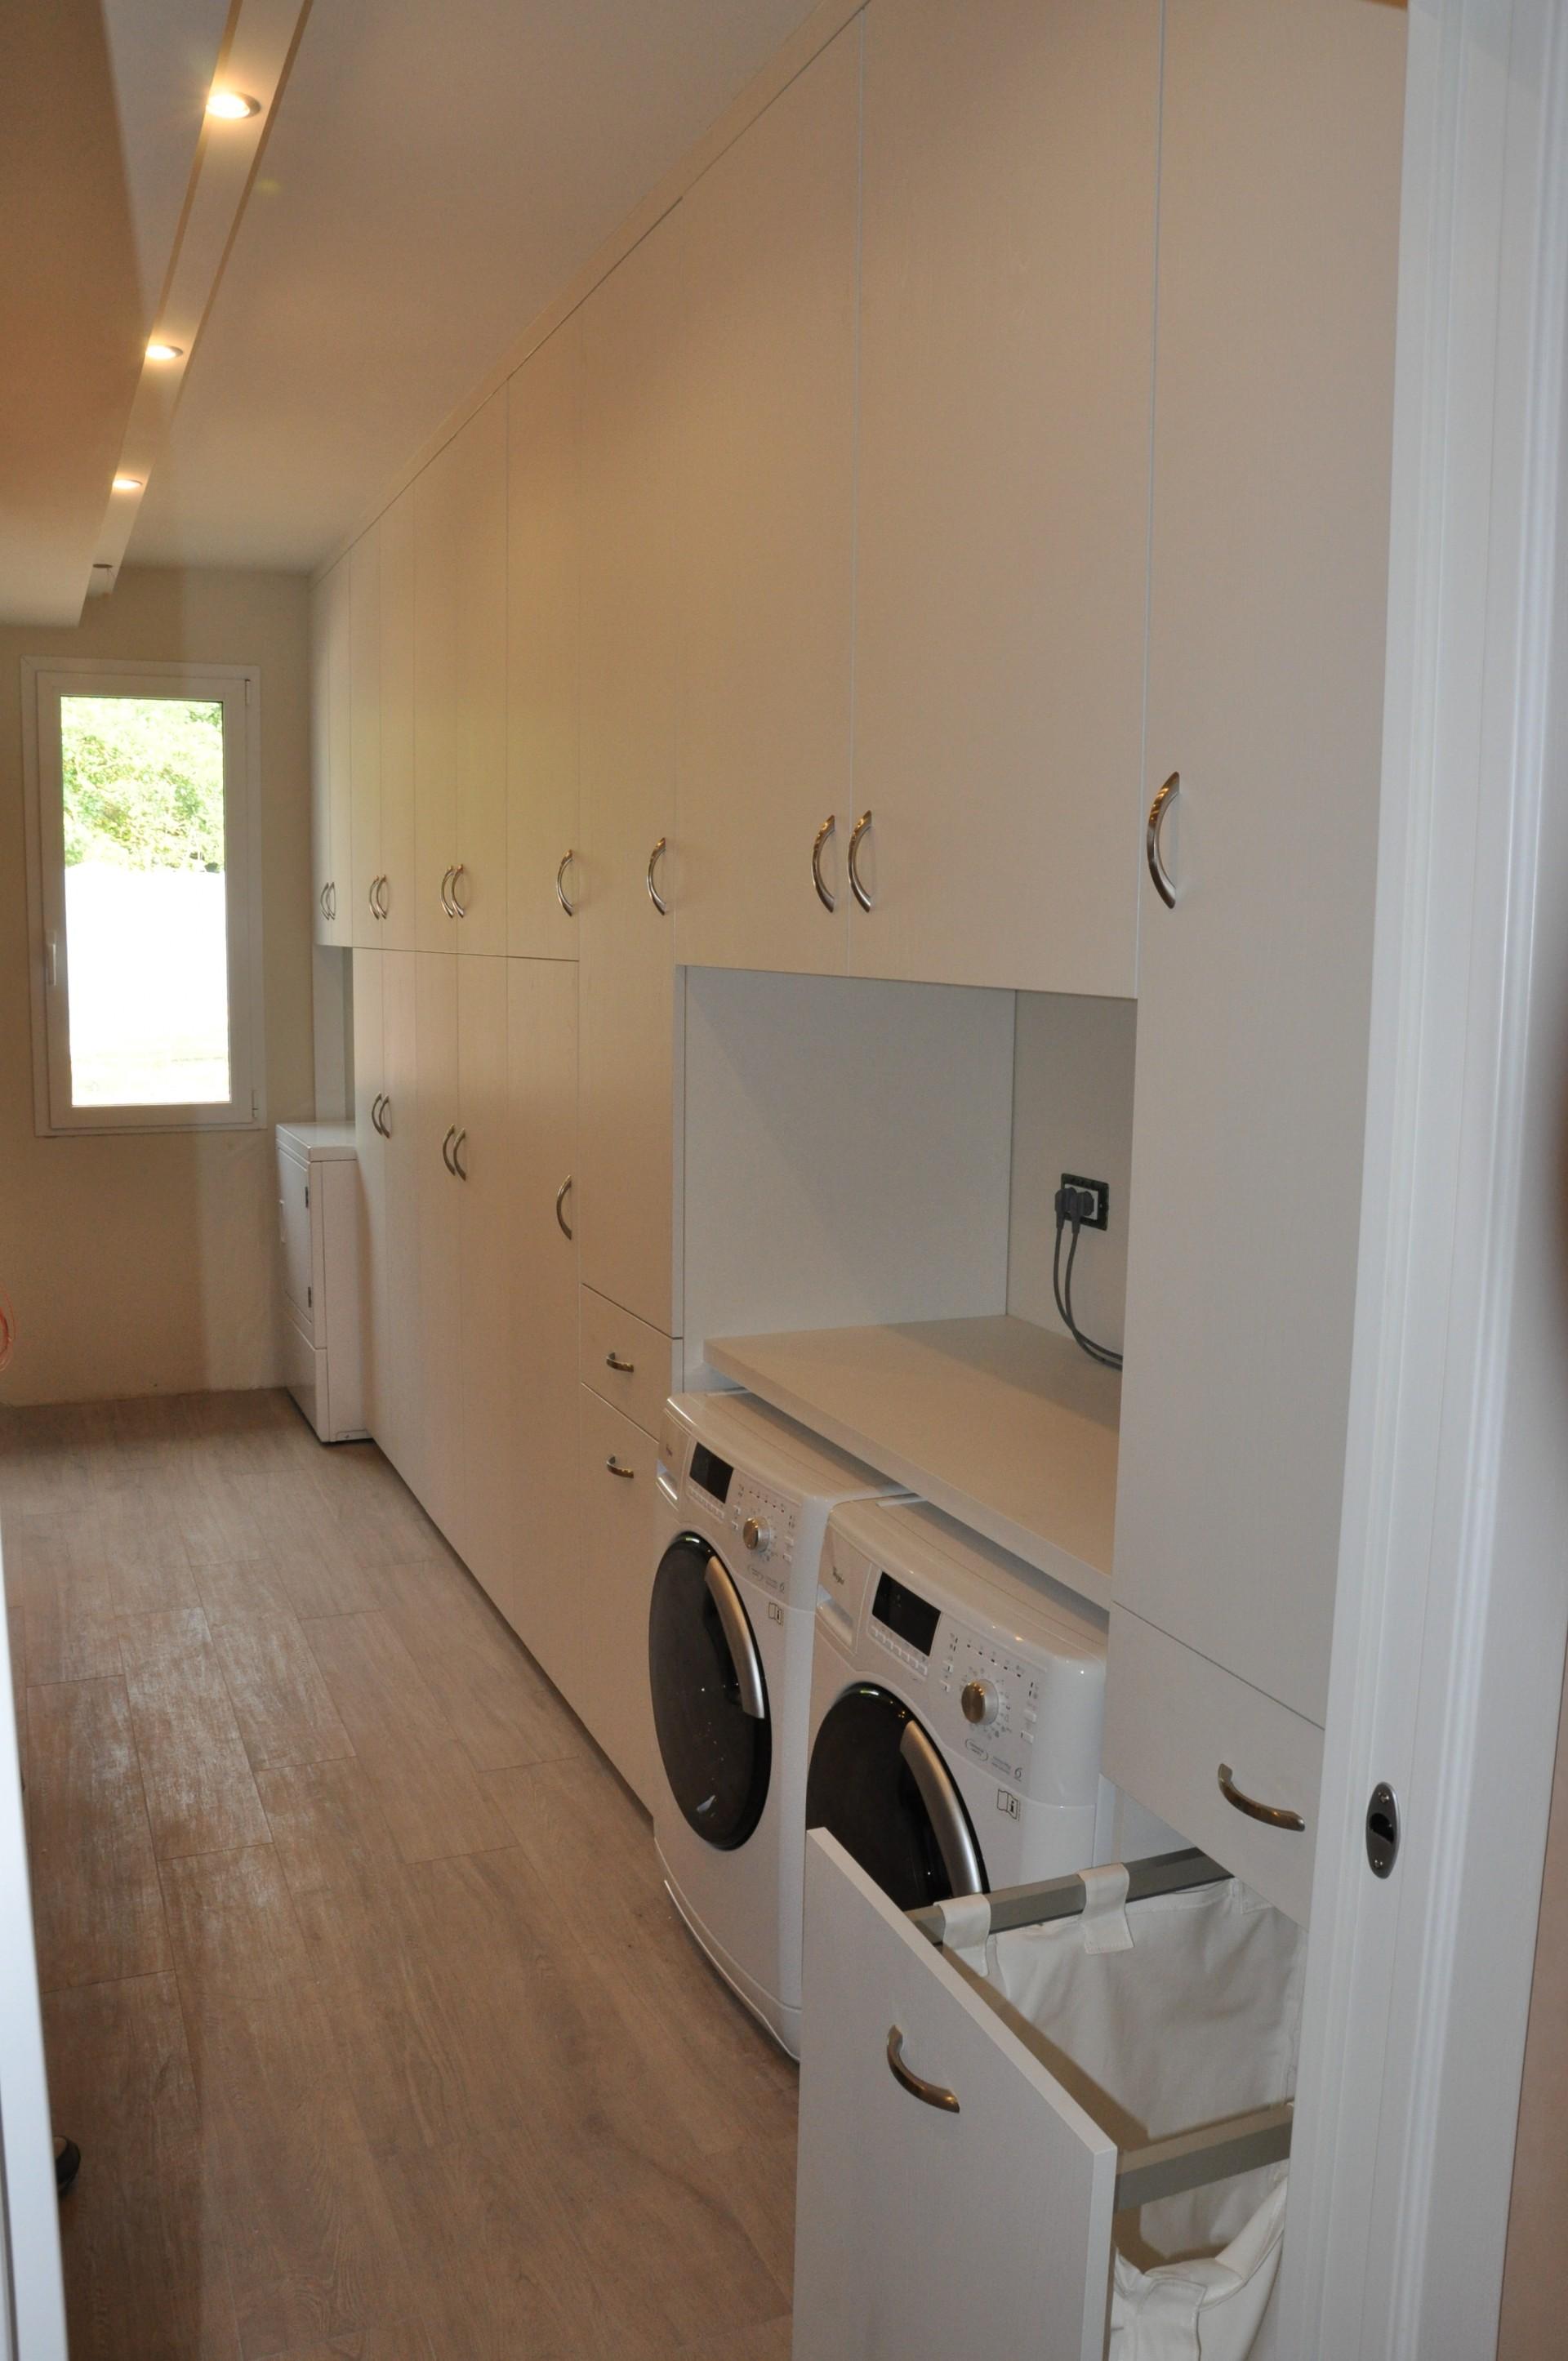 armadio per lavanderia | Fadini Mobili Cerea Verona